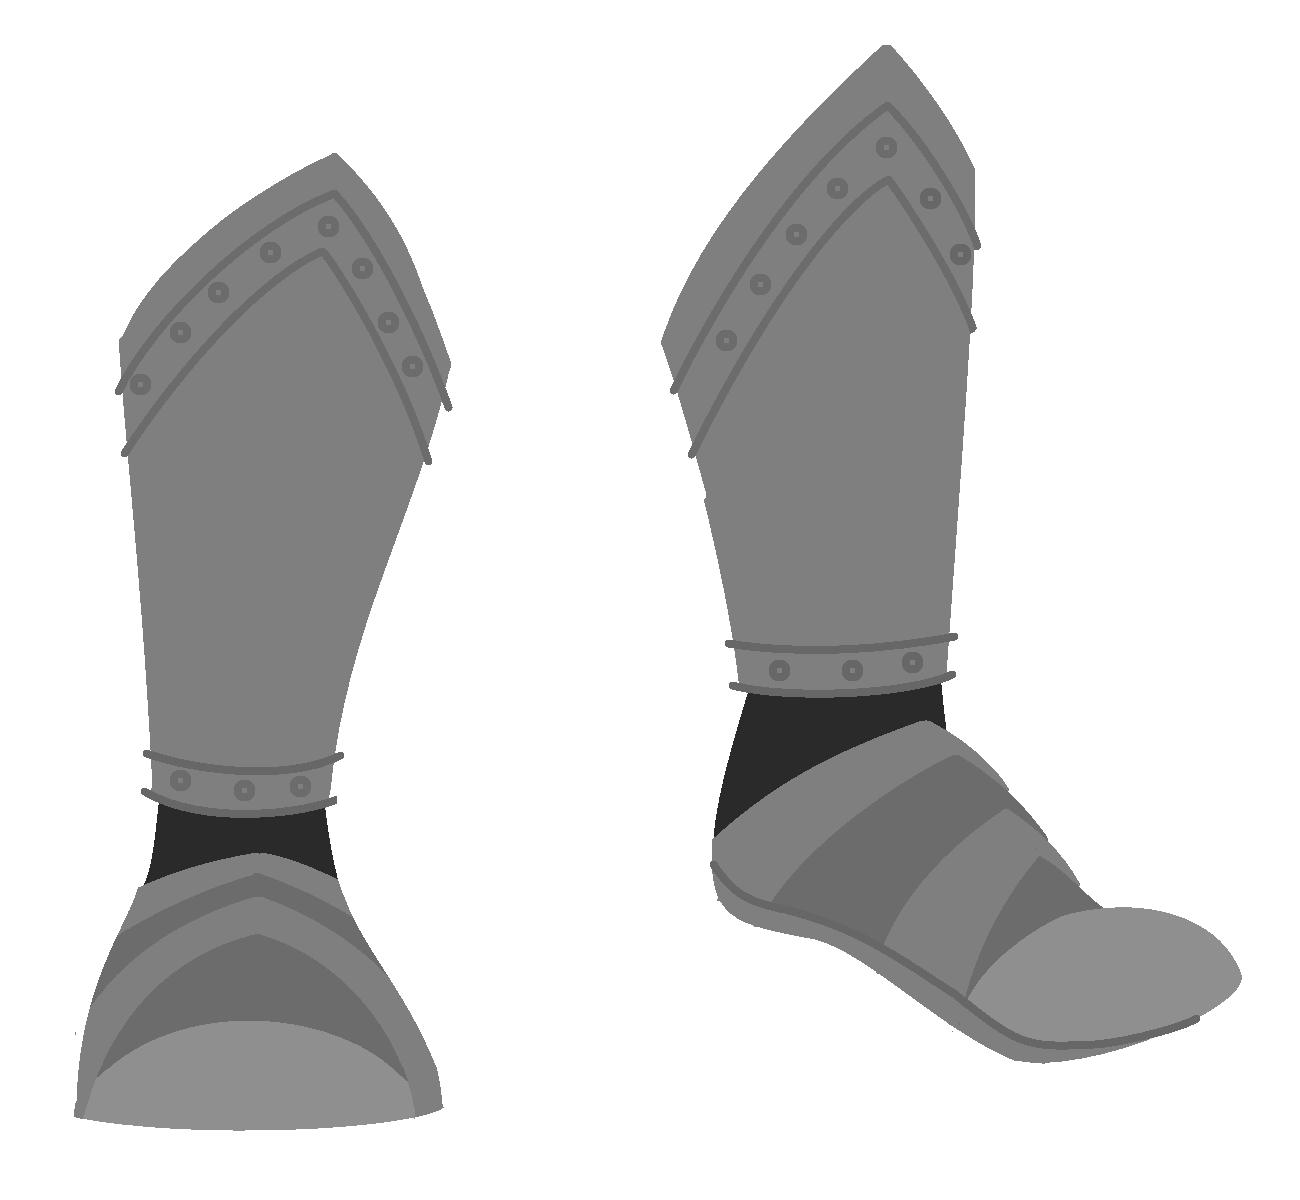 Shoe clipart armor #1